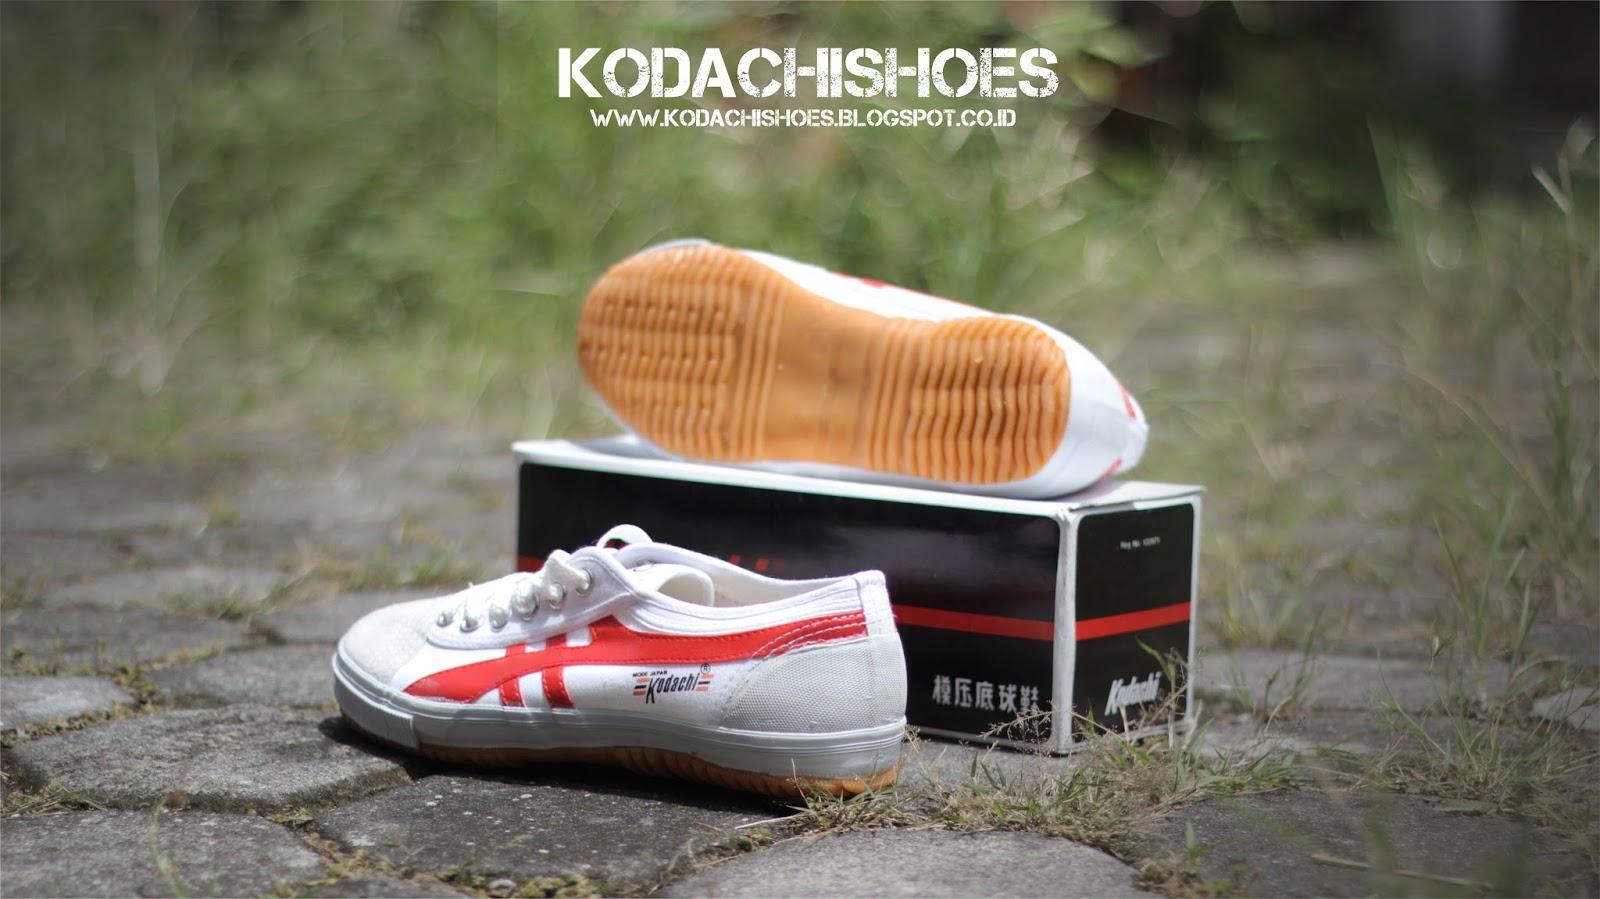 Kodachi Shoes Sepatu Capung 8111 Volley Running Badminton Strip Ini Cukup Epik Karena Selain Membuat 8110 Tetap Terkesan Retro Vintage Juga Menjadi Lebih Sporty